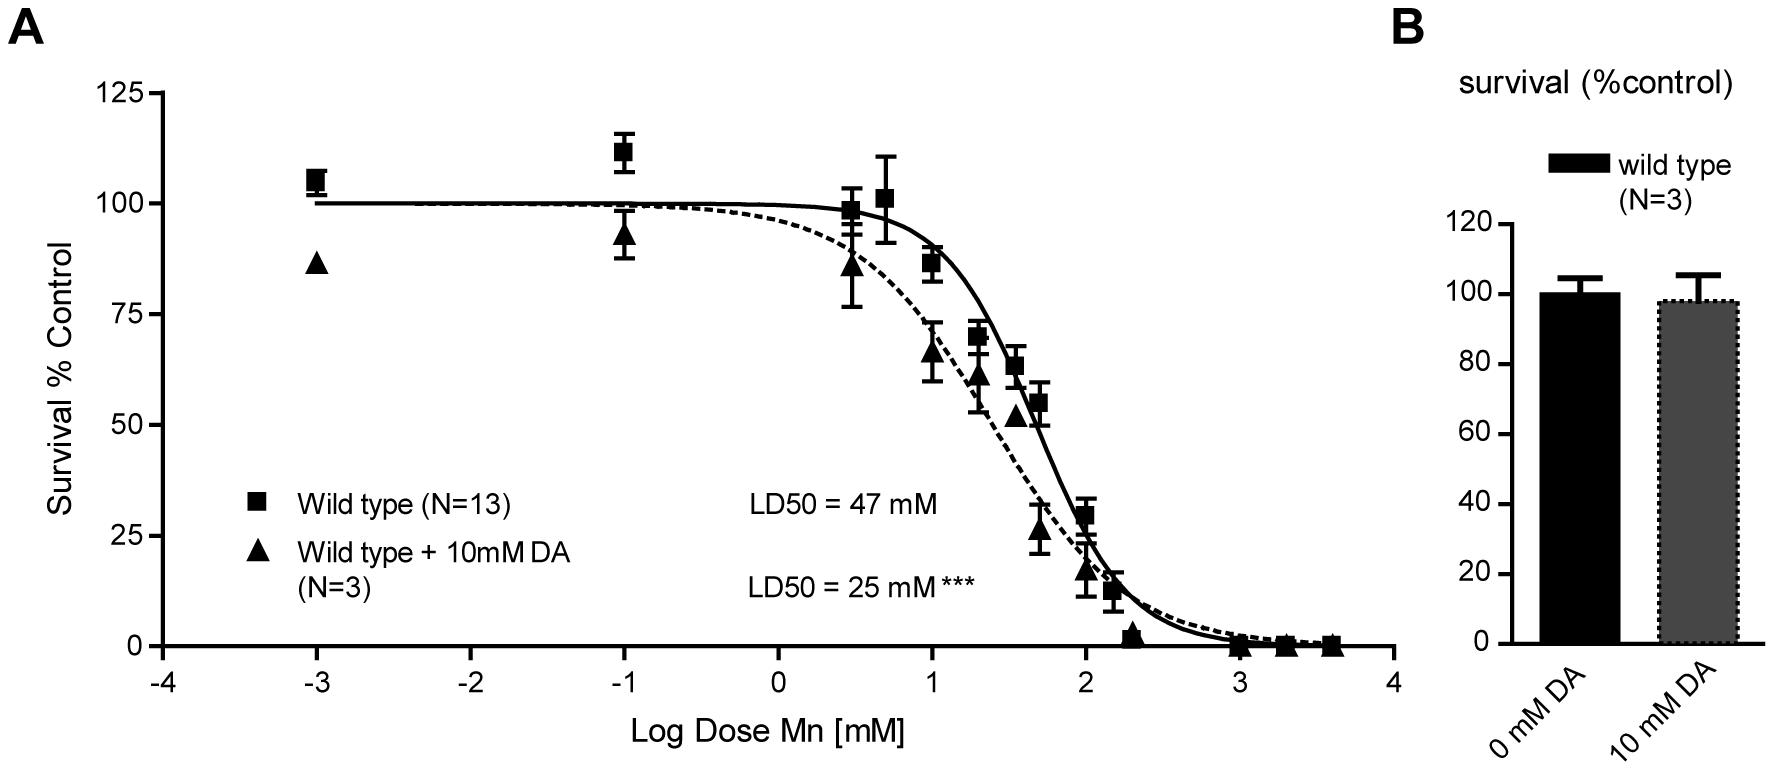 Sub-lethal dopamine pre-treatment sensitizes wild-type worms to Mn exposure.